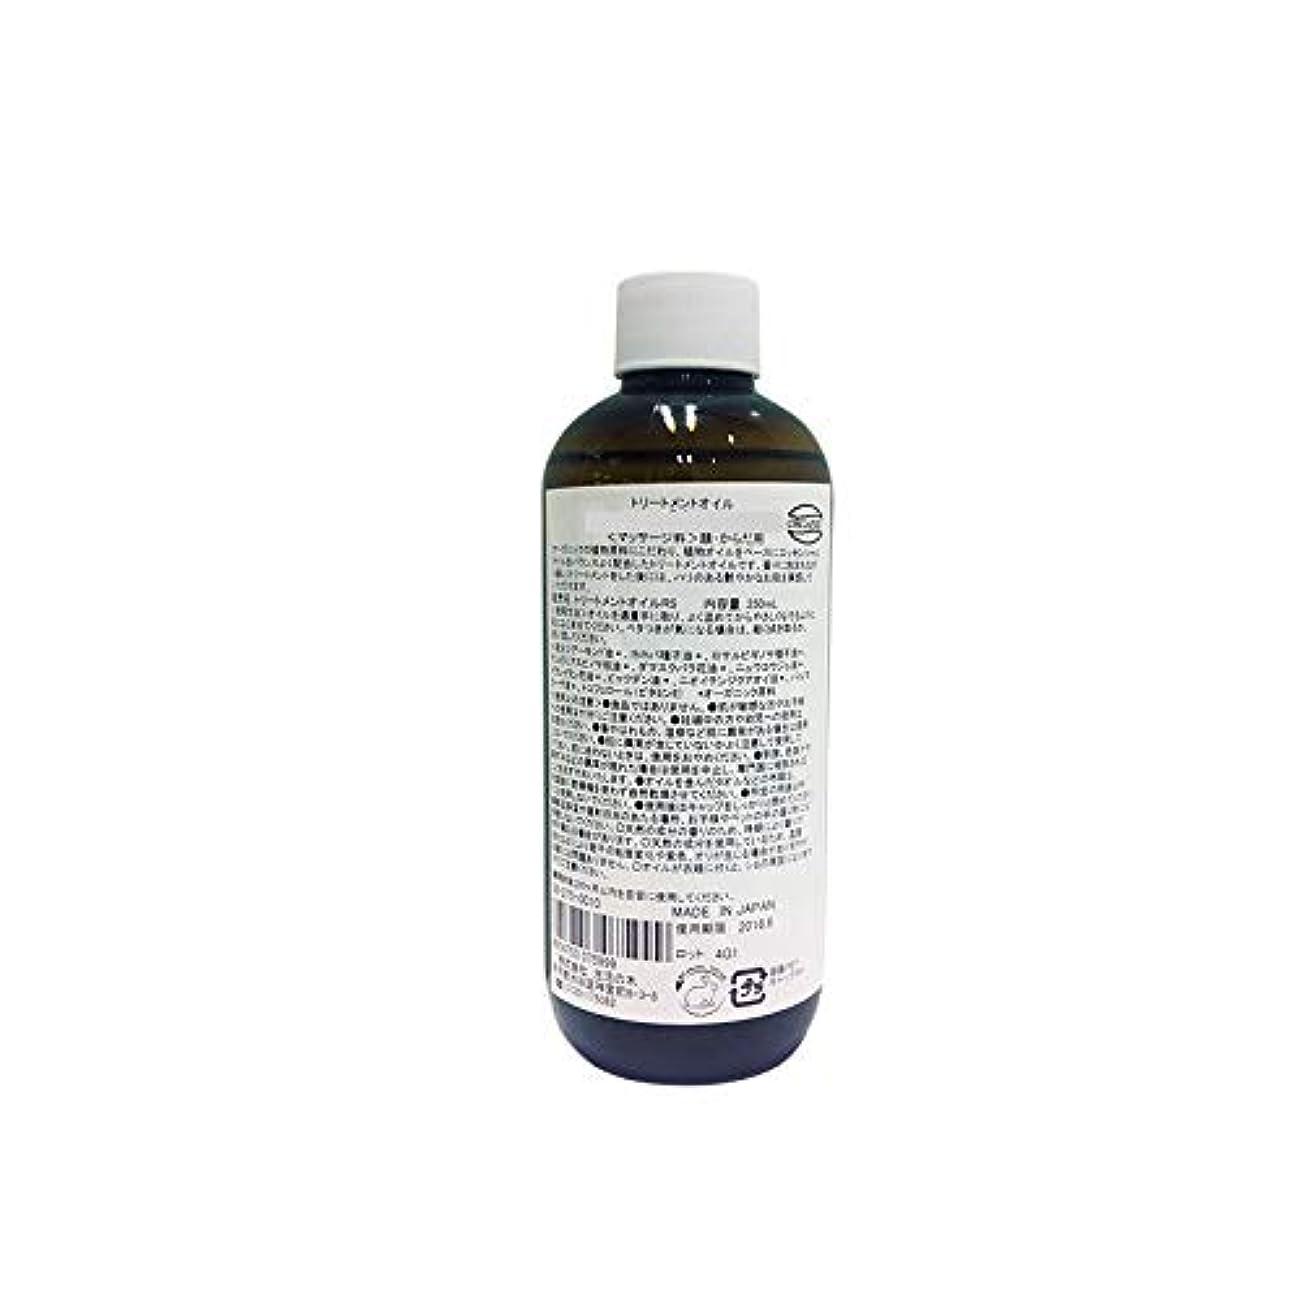 キリン安価な本質的に生活の木 トリートメントオイル ジンジャーショルダー 250ml (08-275-0150)